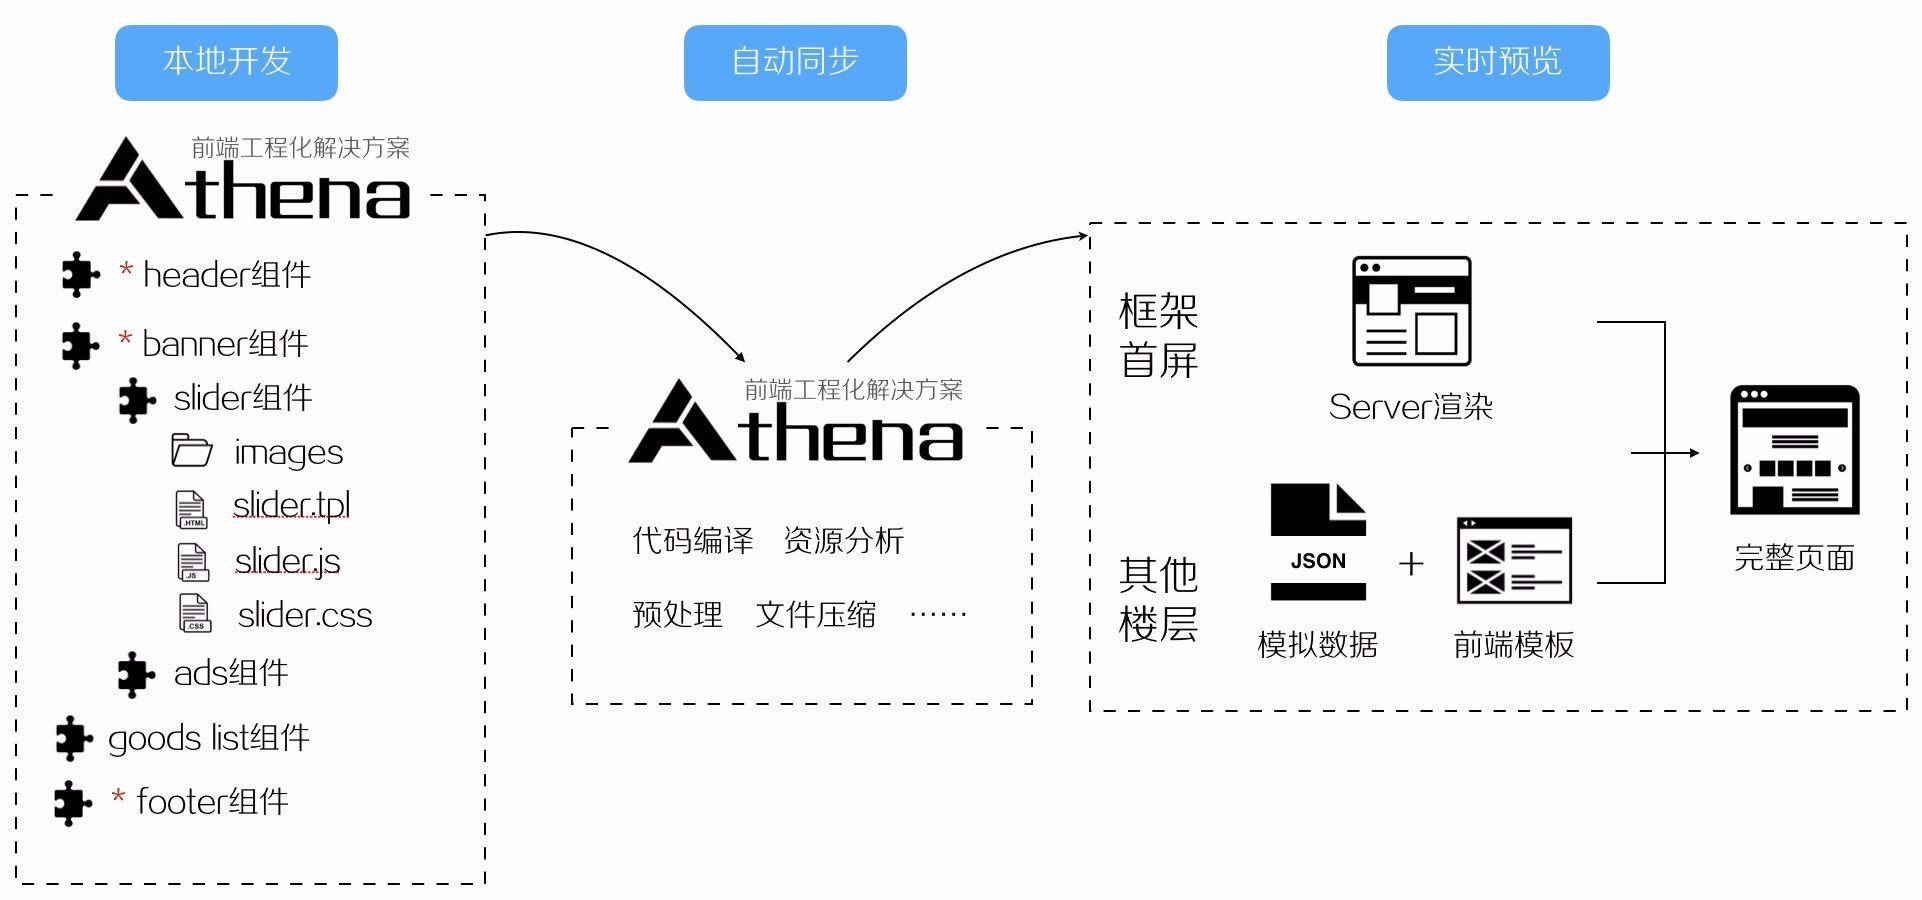 新版首页基于 Athena 的开发模式